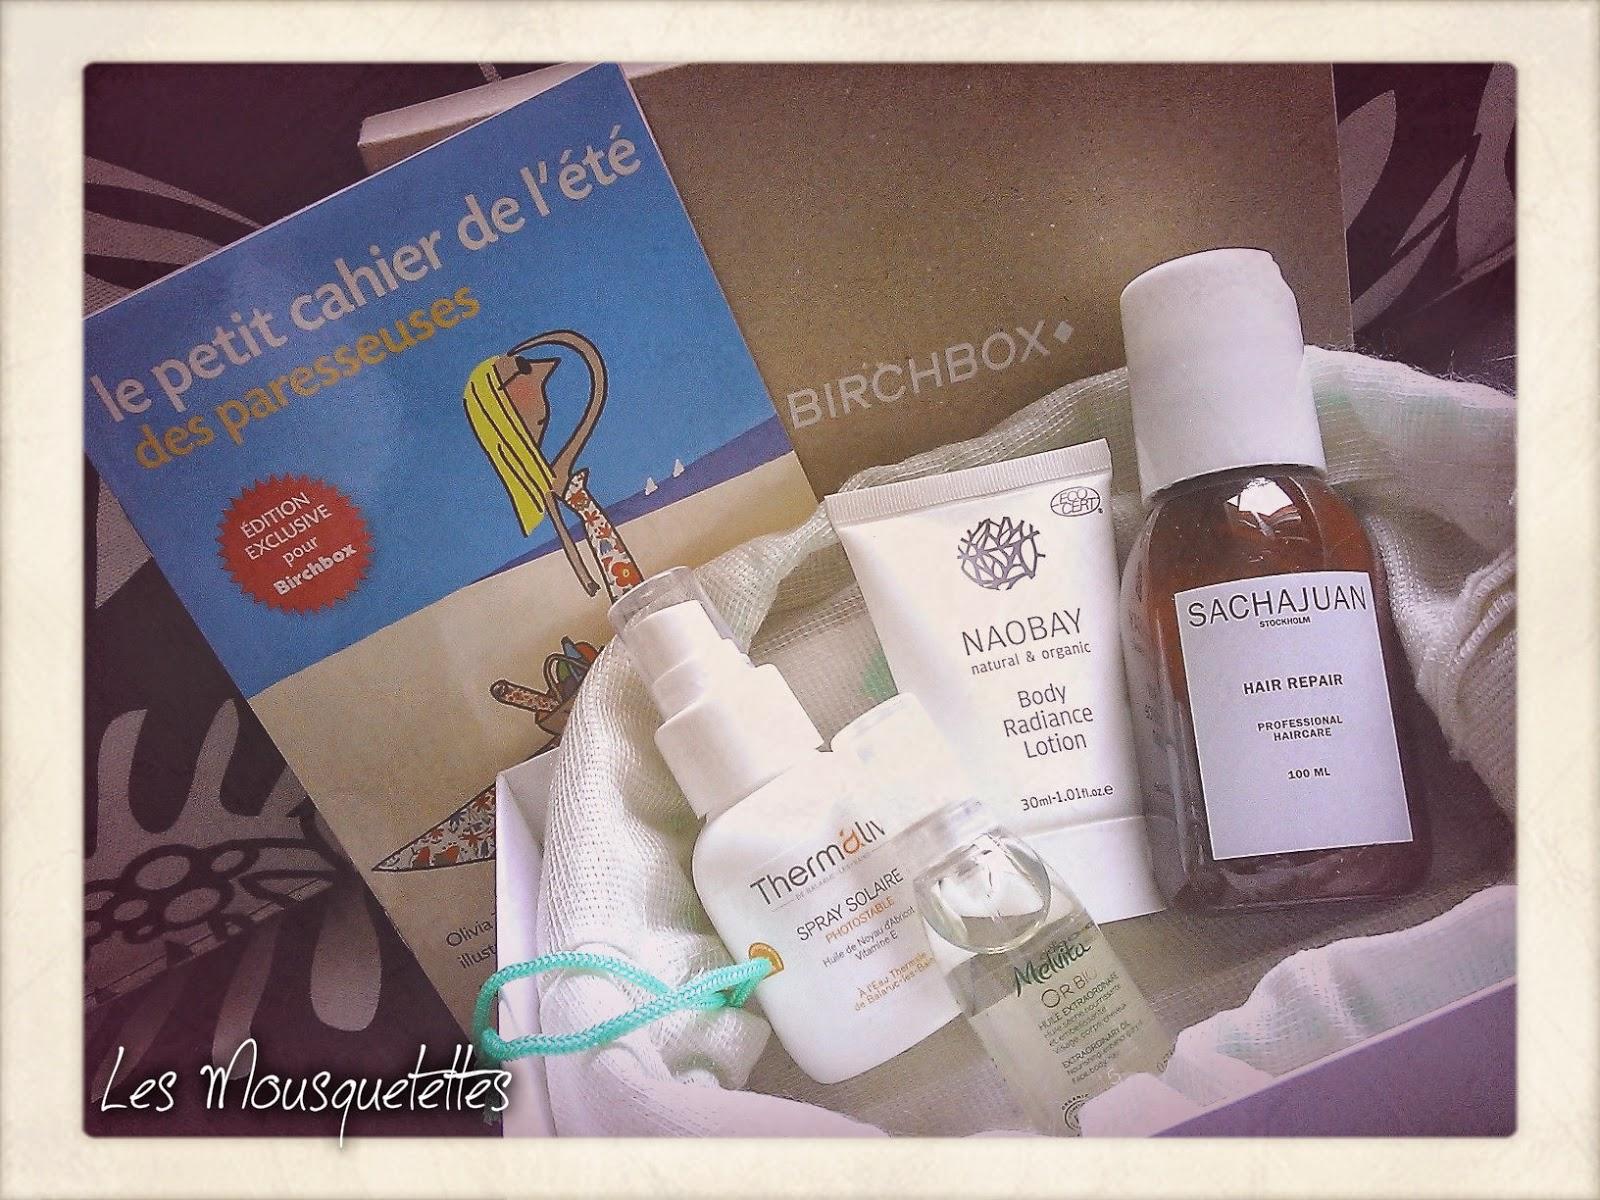 Contenu Birchbox Juin 2014 Be Happy - Les Mousquetettes©